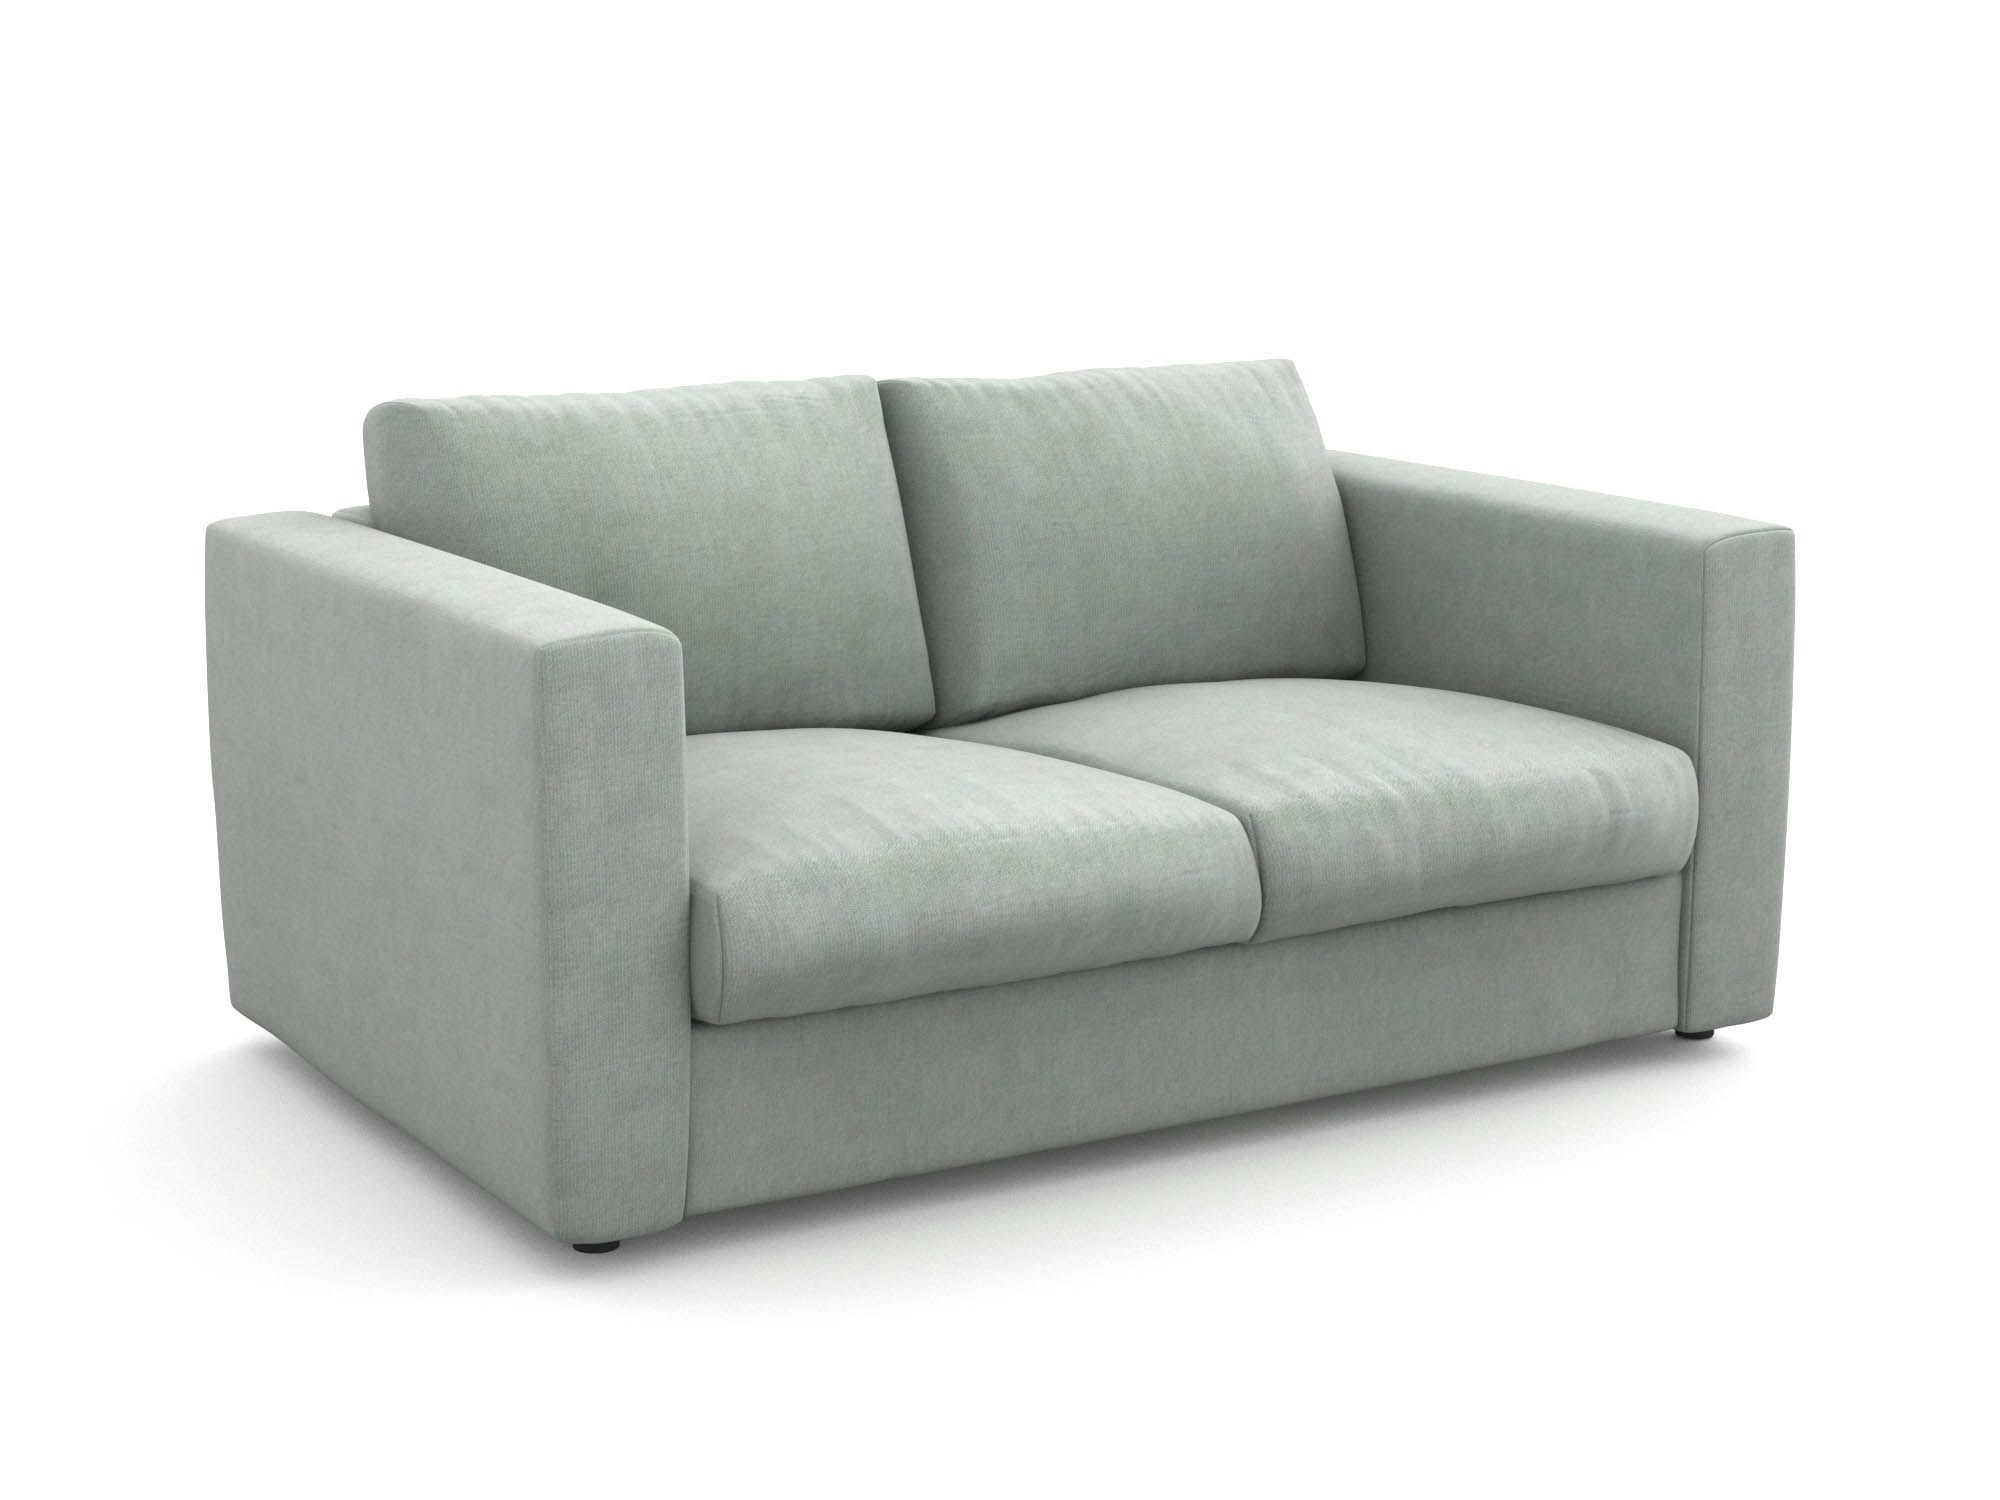 Vimle pokrowiec na sofę 2- osobową rozkładaną